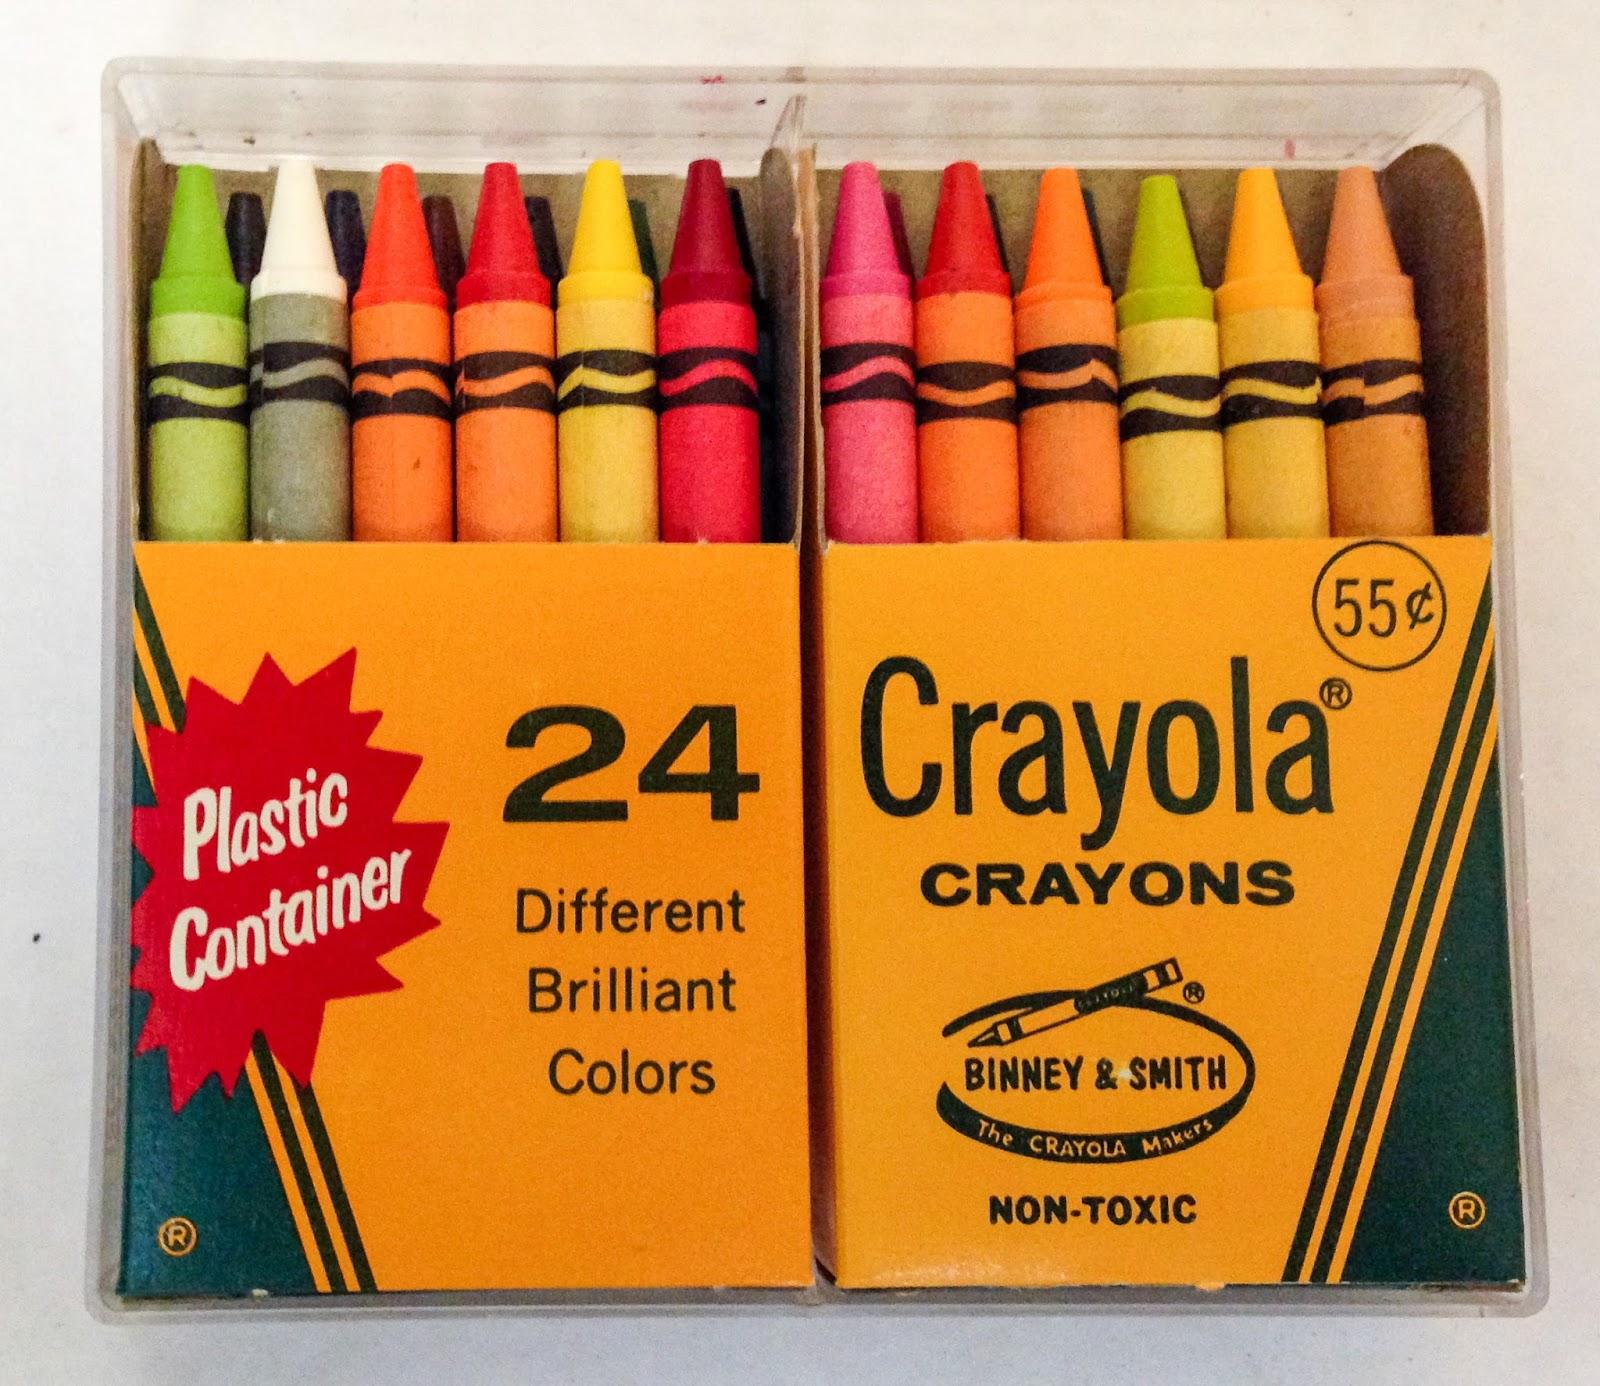 No 24 P Crayola Crayons